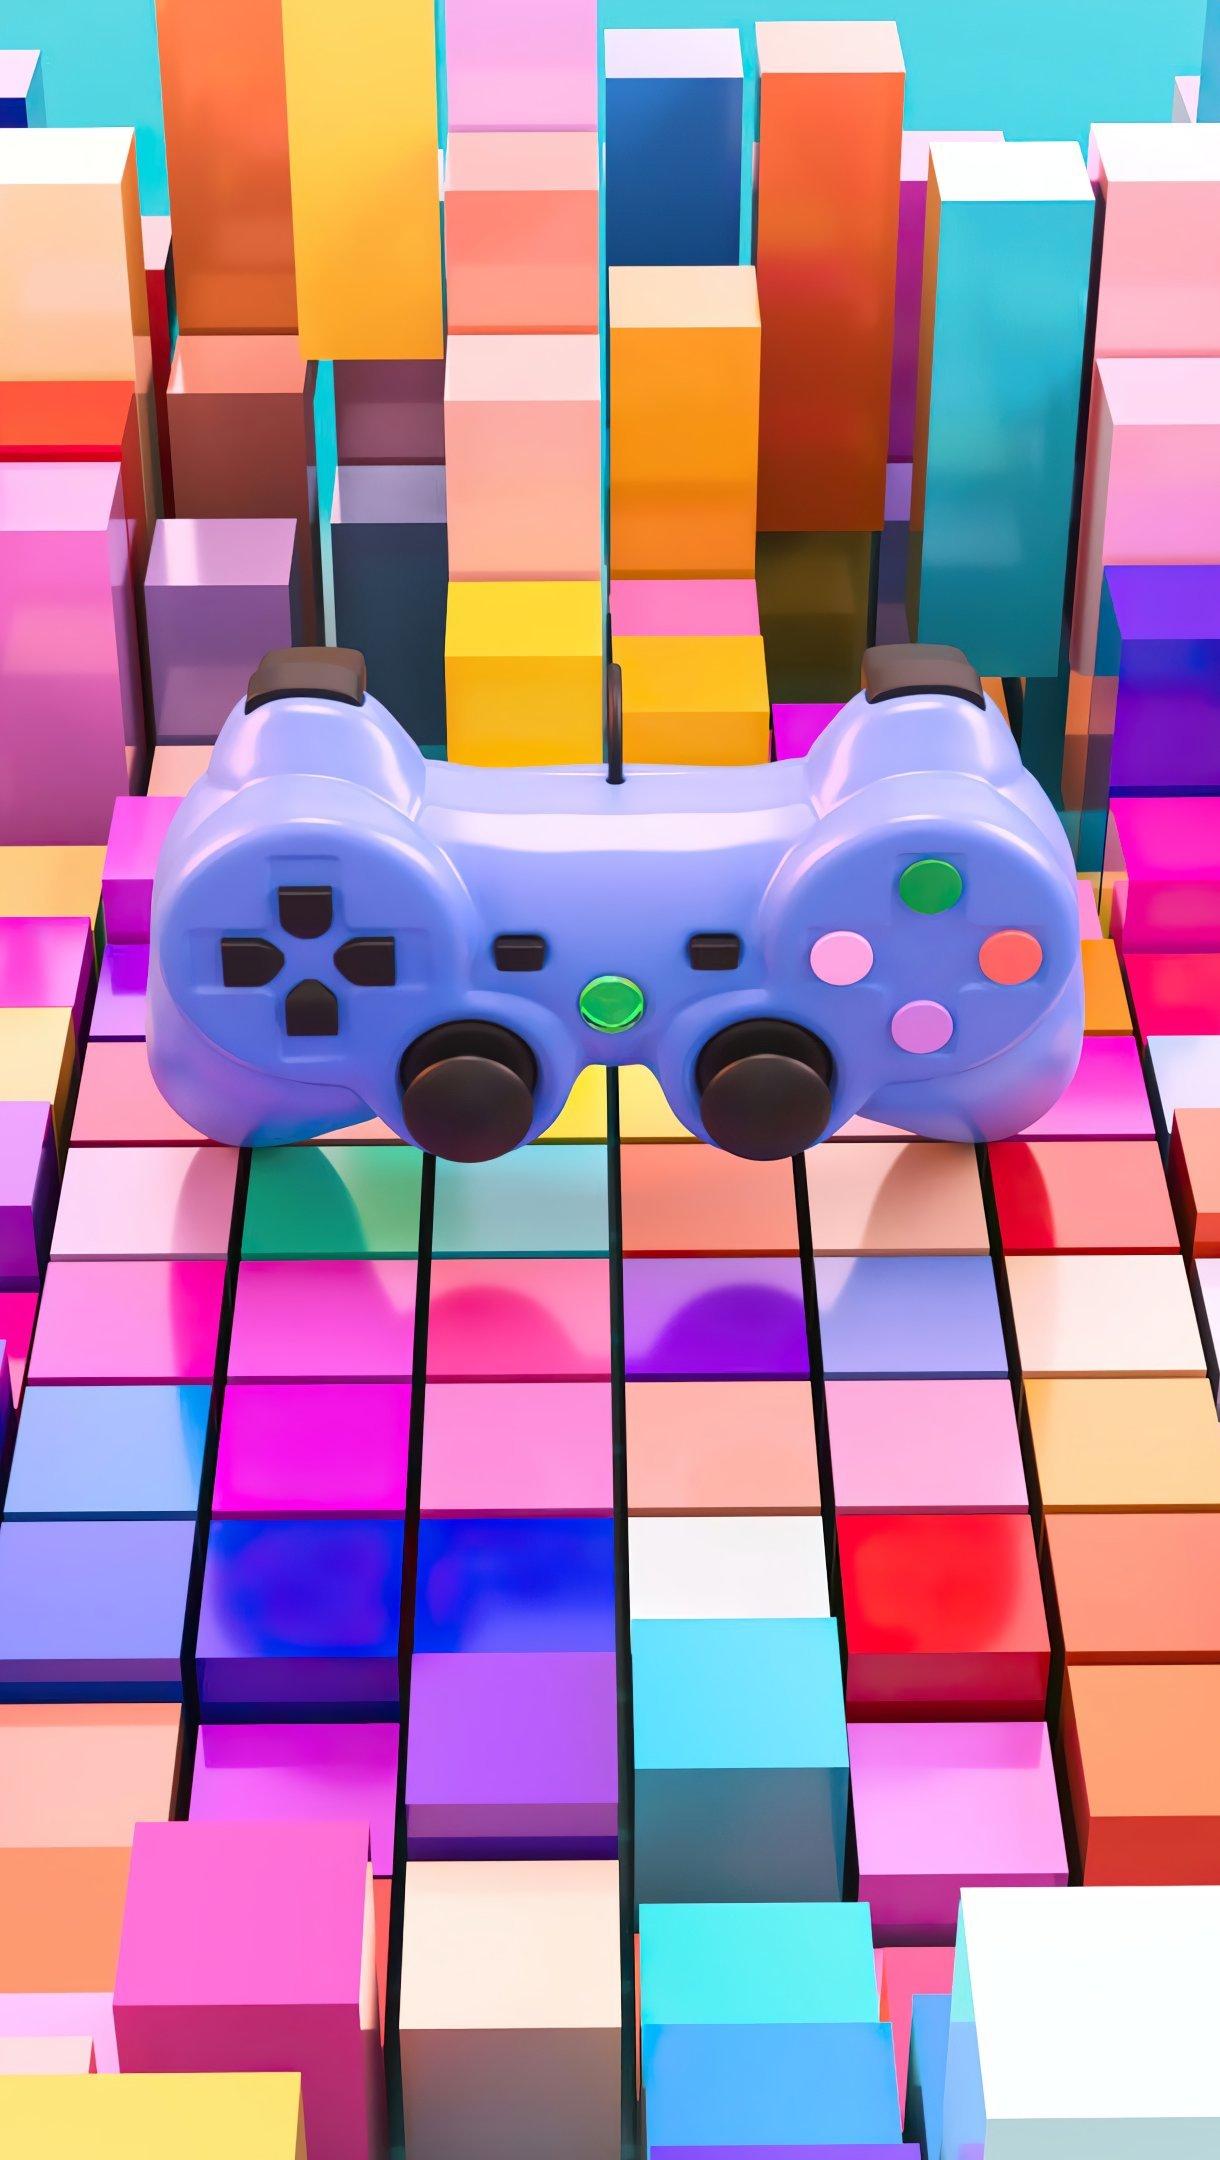 Fondos de pantalla Control de videojuegos Colorido Vertical